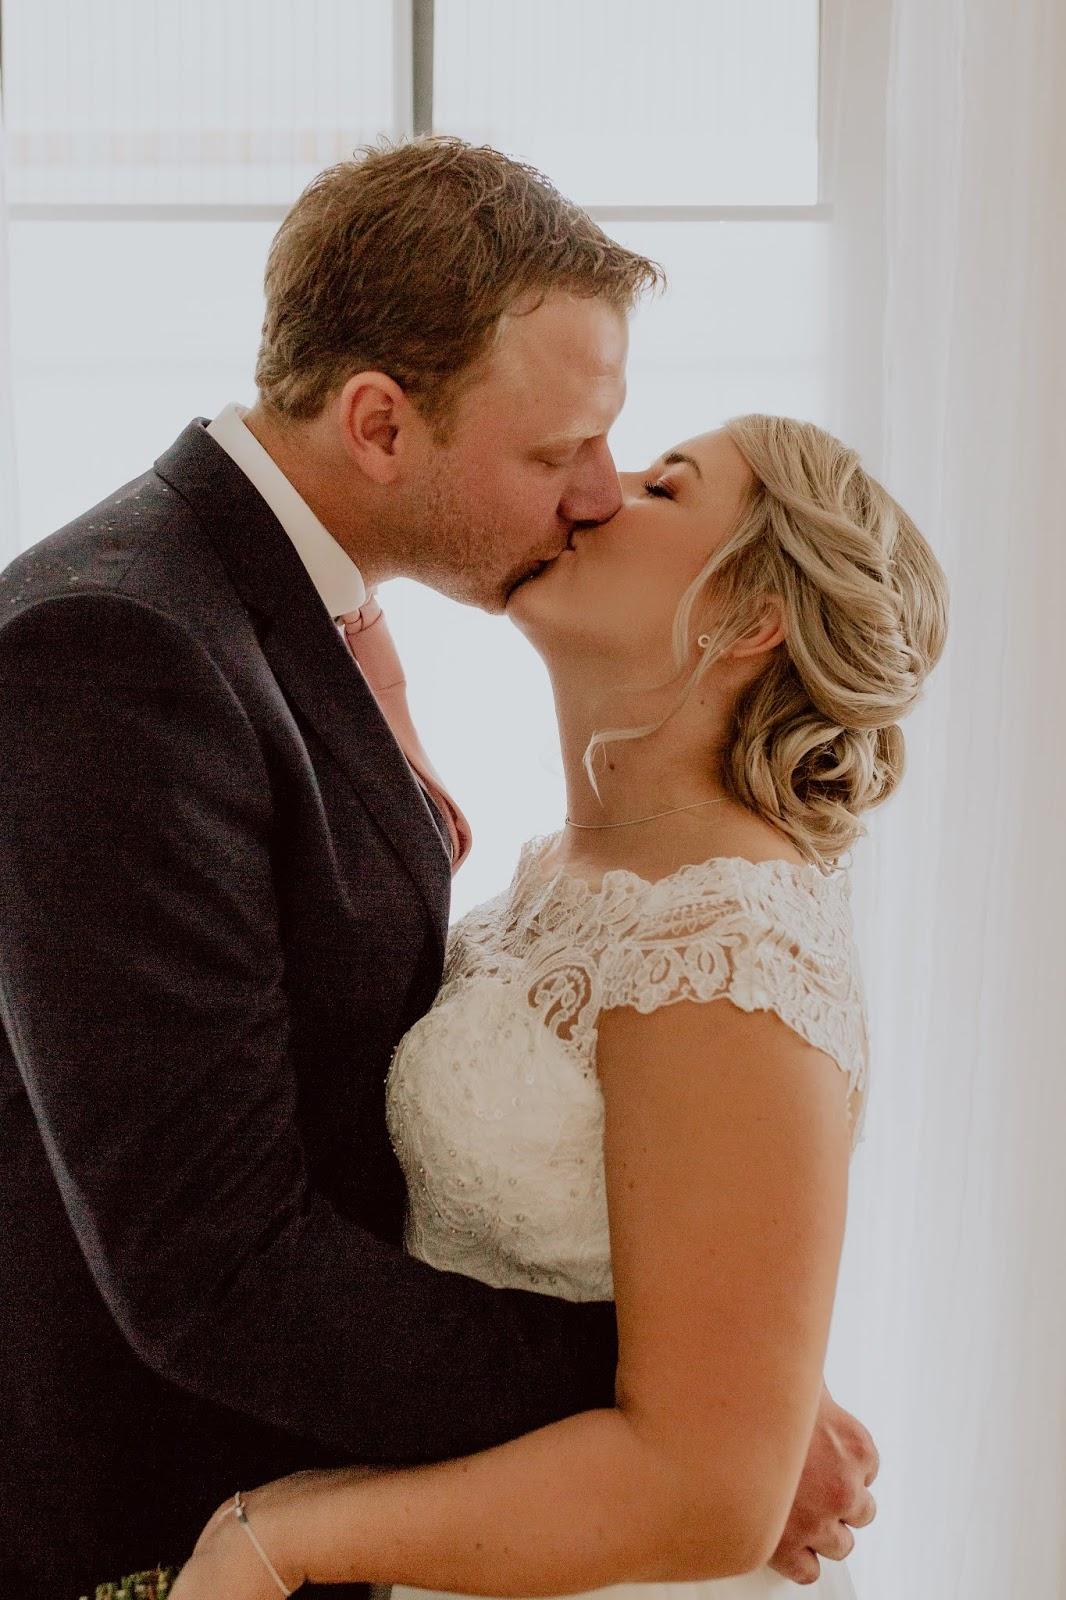 Unser Hochzeitsrücklblick mit ganz viel Liebe!